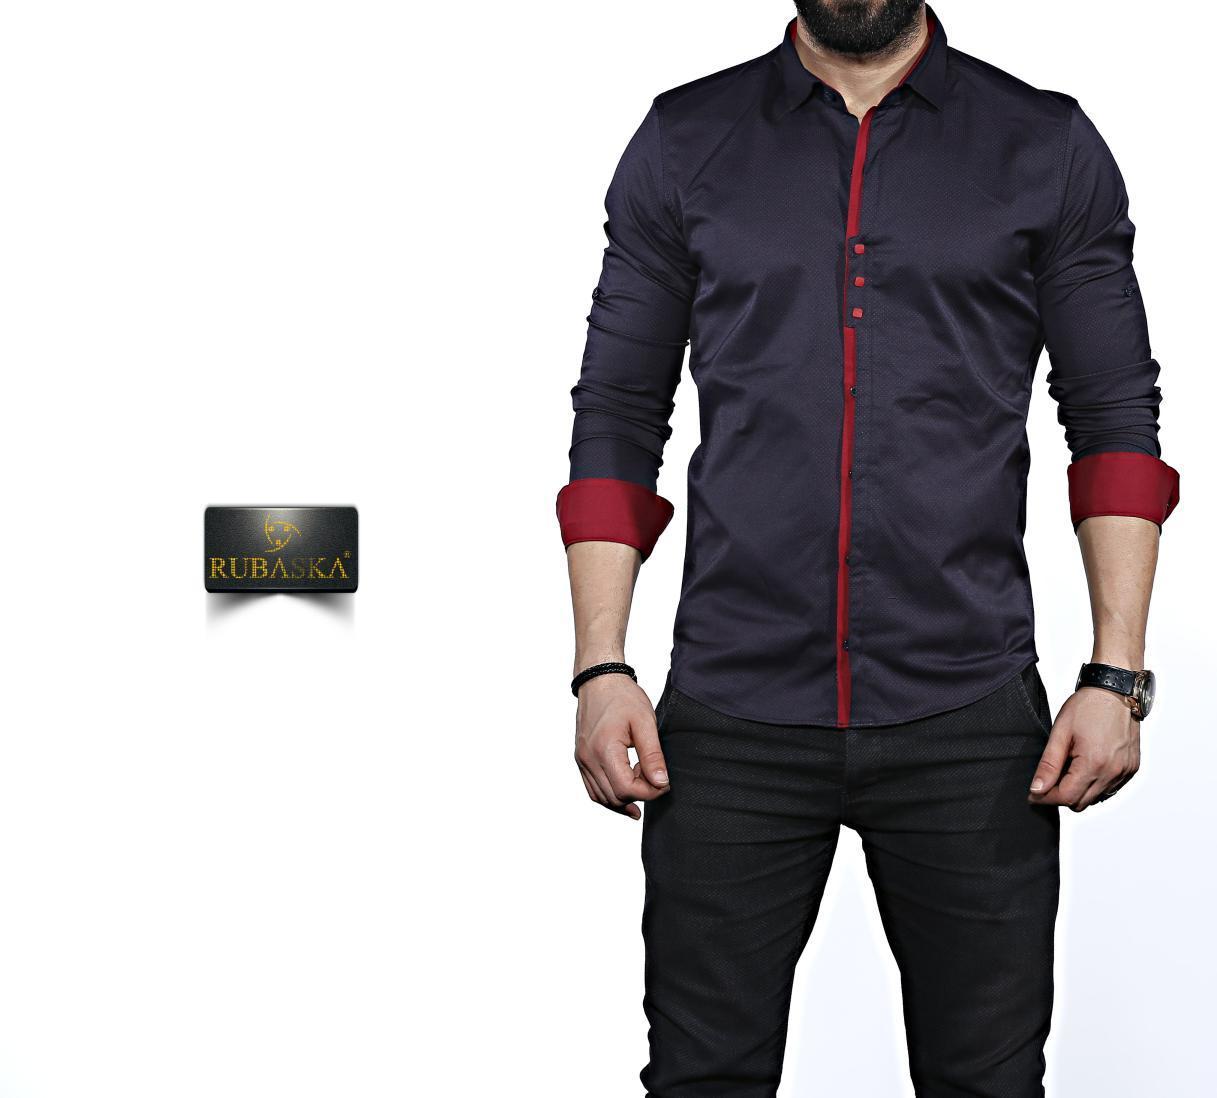 632a1acc7e8 Темно-синяя мужская рубашка с темно-красной отделкой. Длинный рукав. -  Интернет